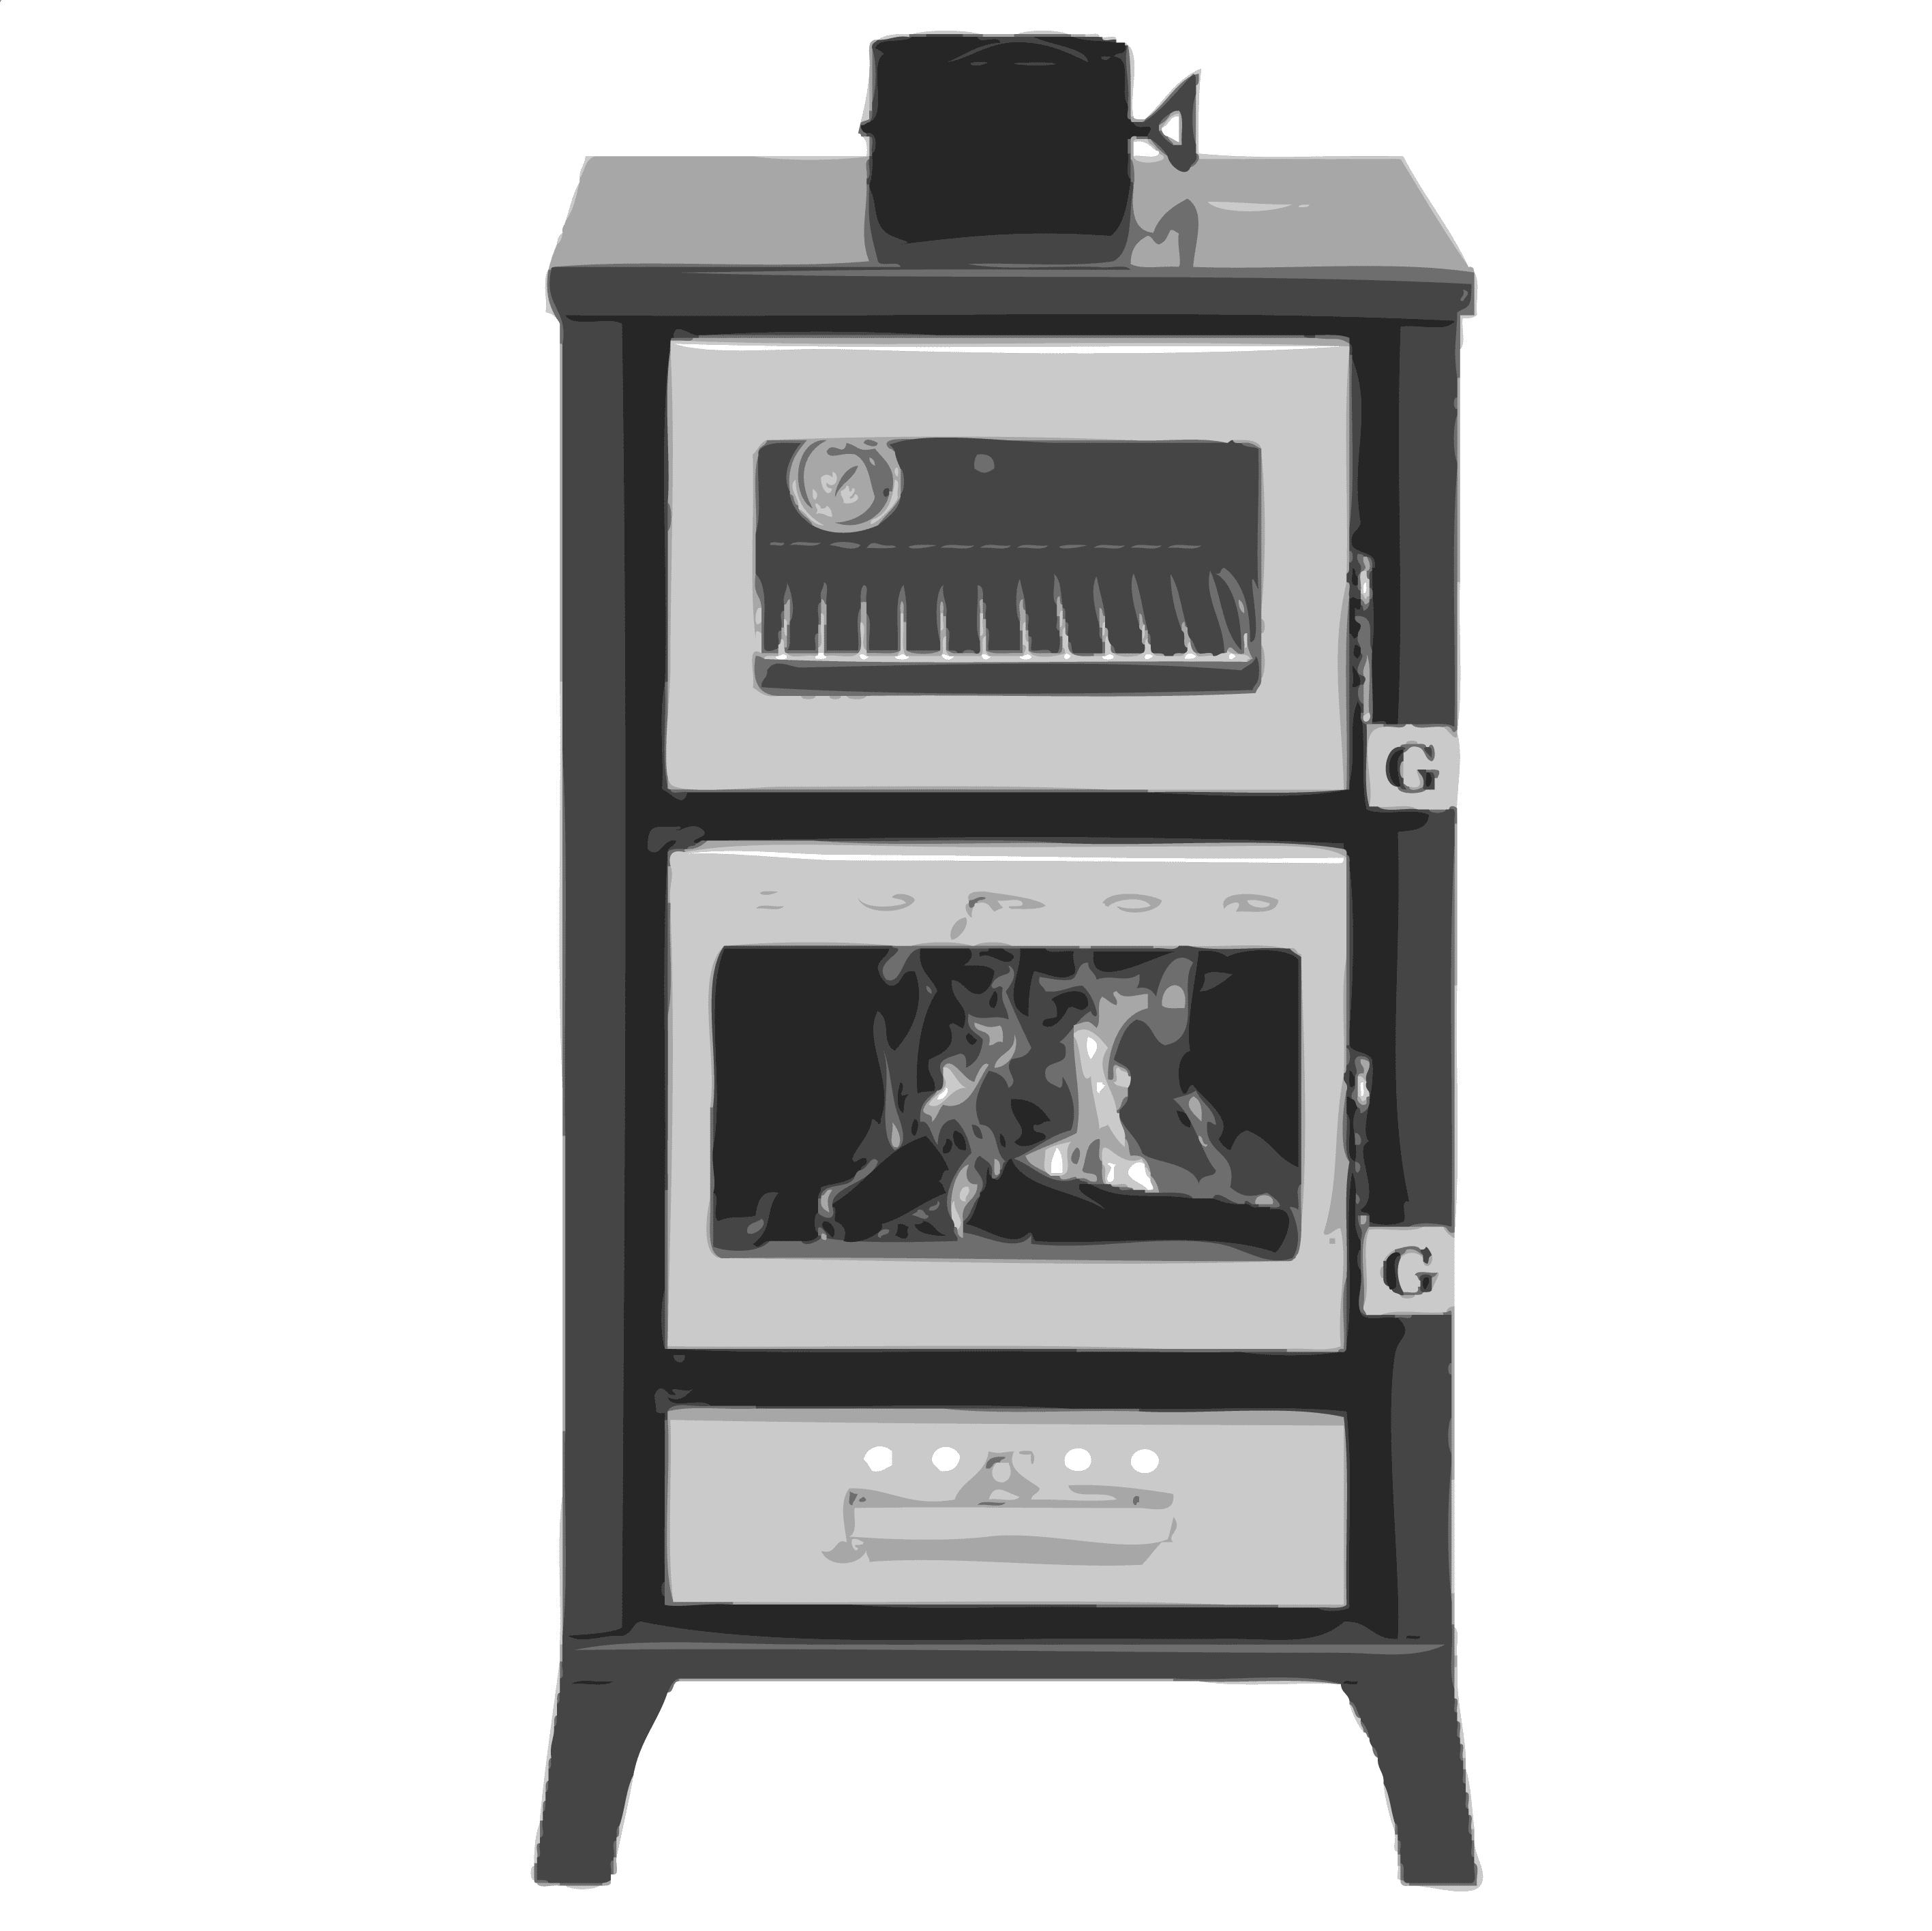 Small Wood Cookstove Tiny Stove